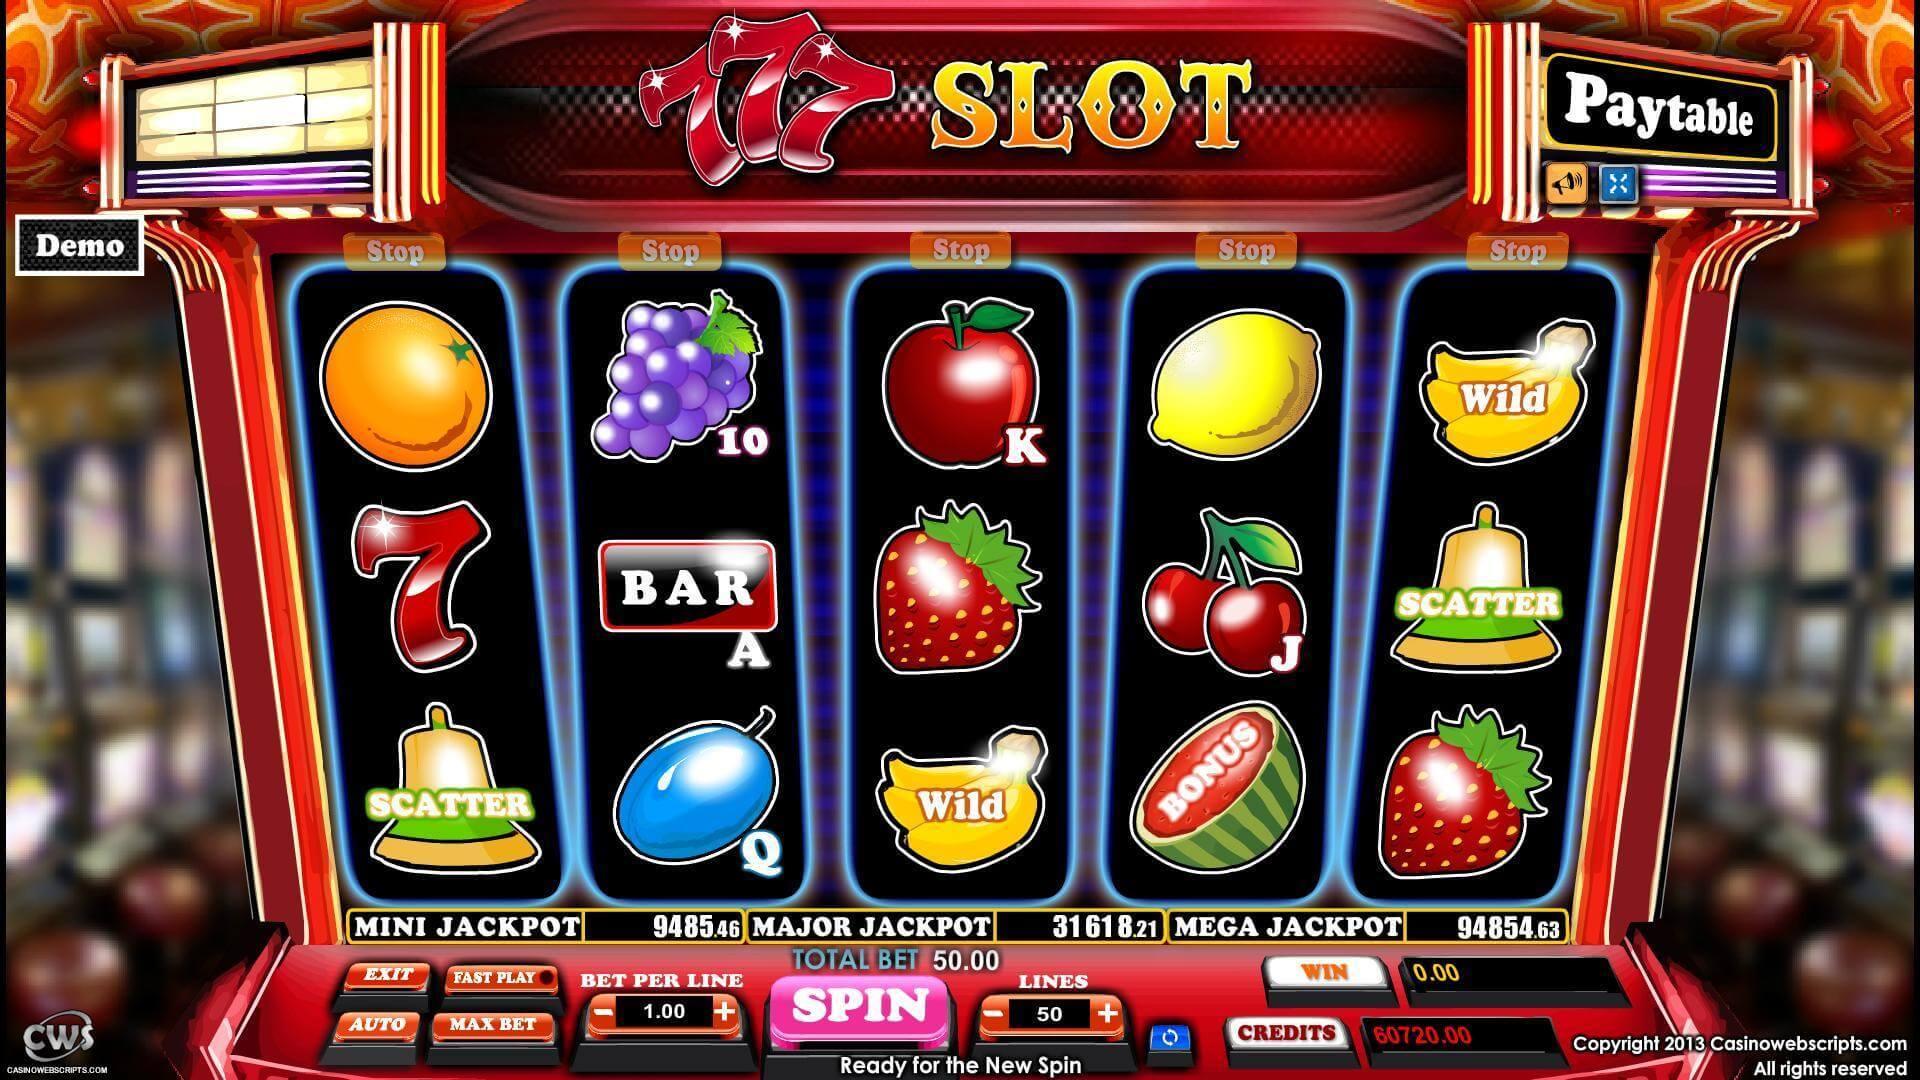 Casinospel världen över oktoberfest